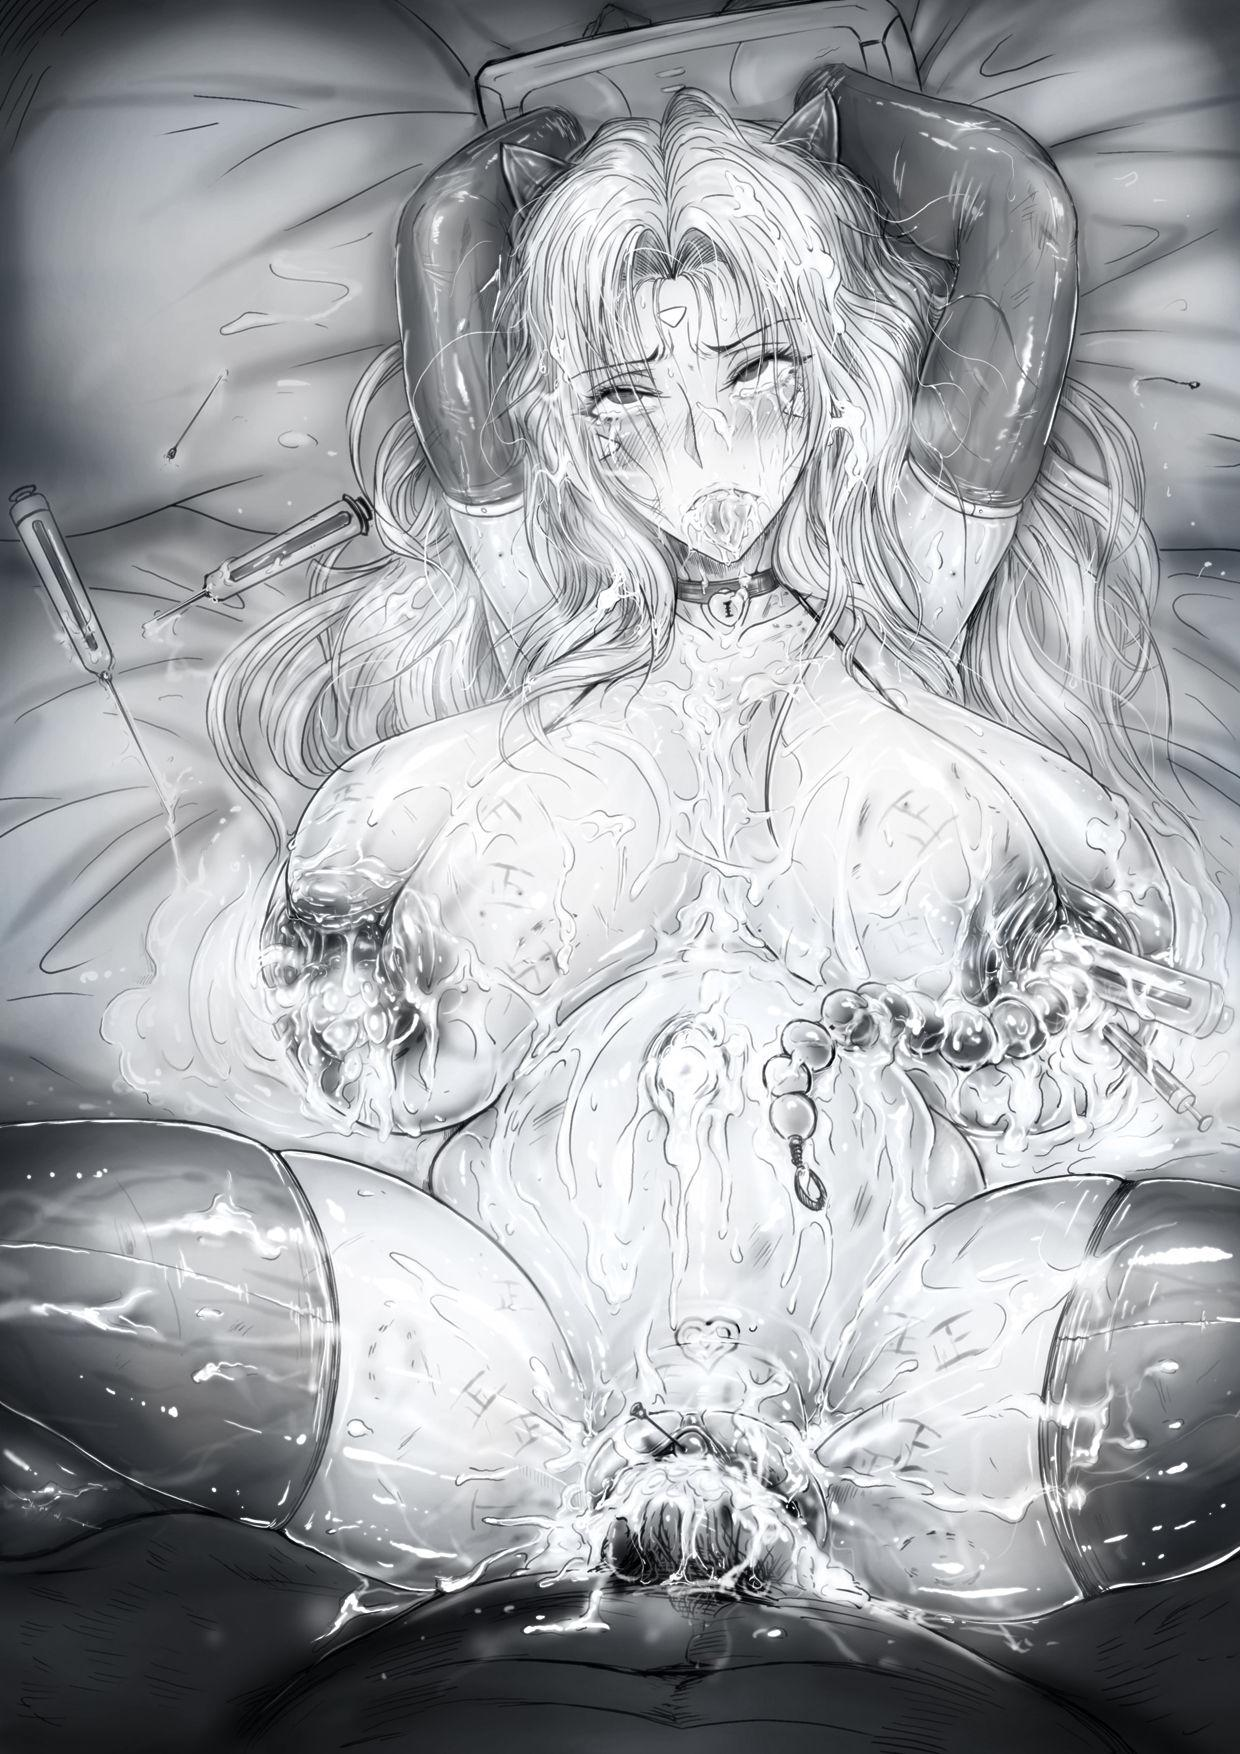 淫虐02-草图(2021.1.16 更新) 1